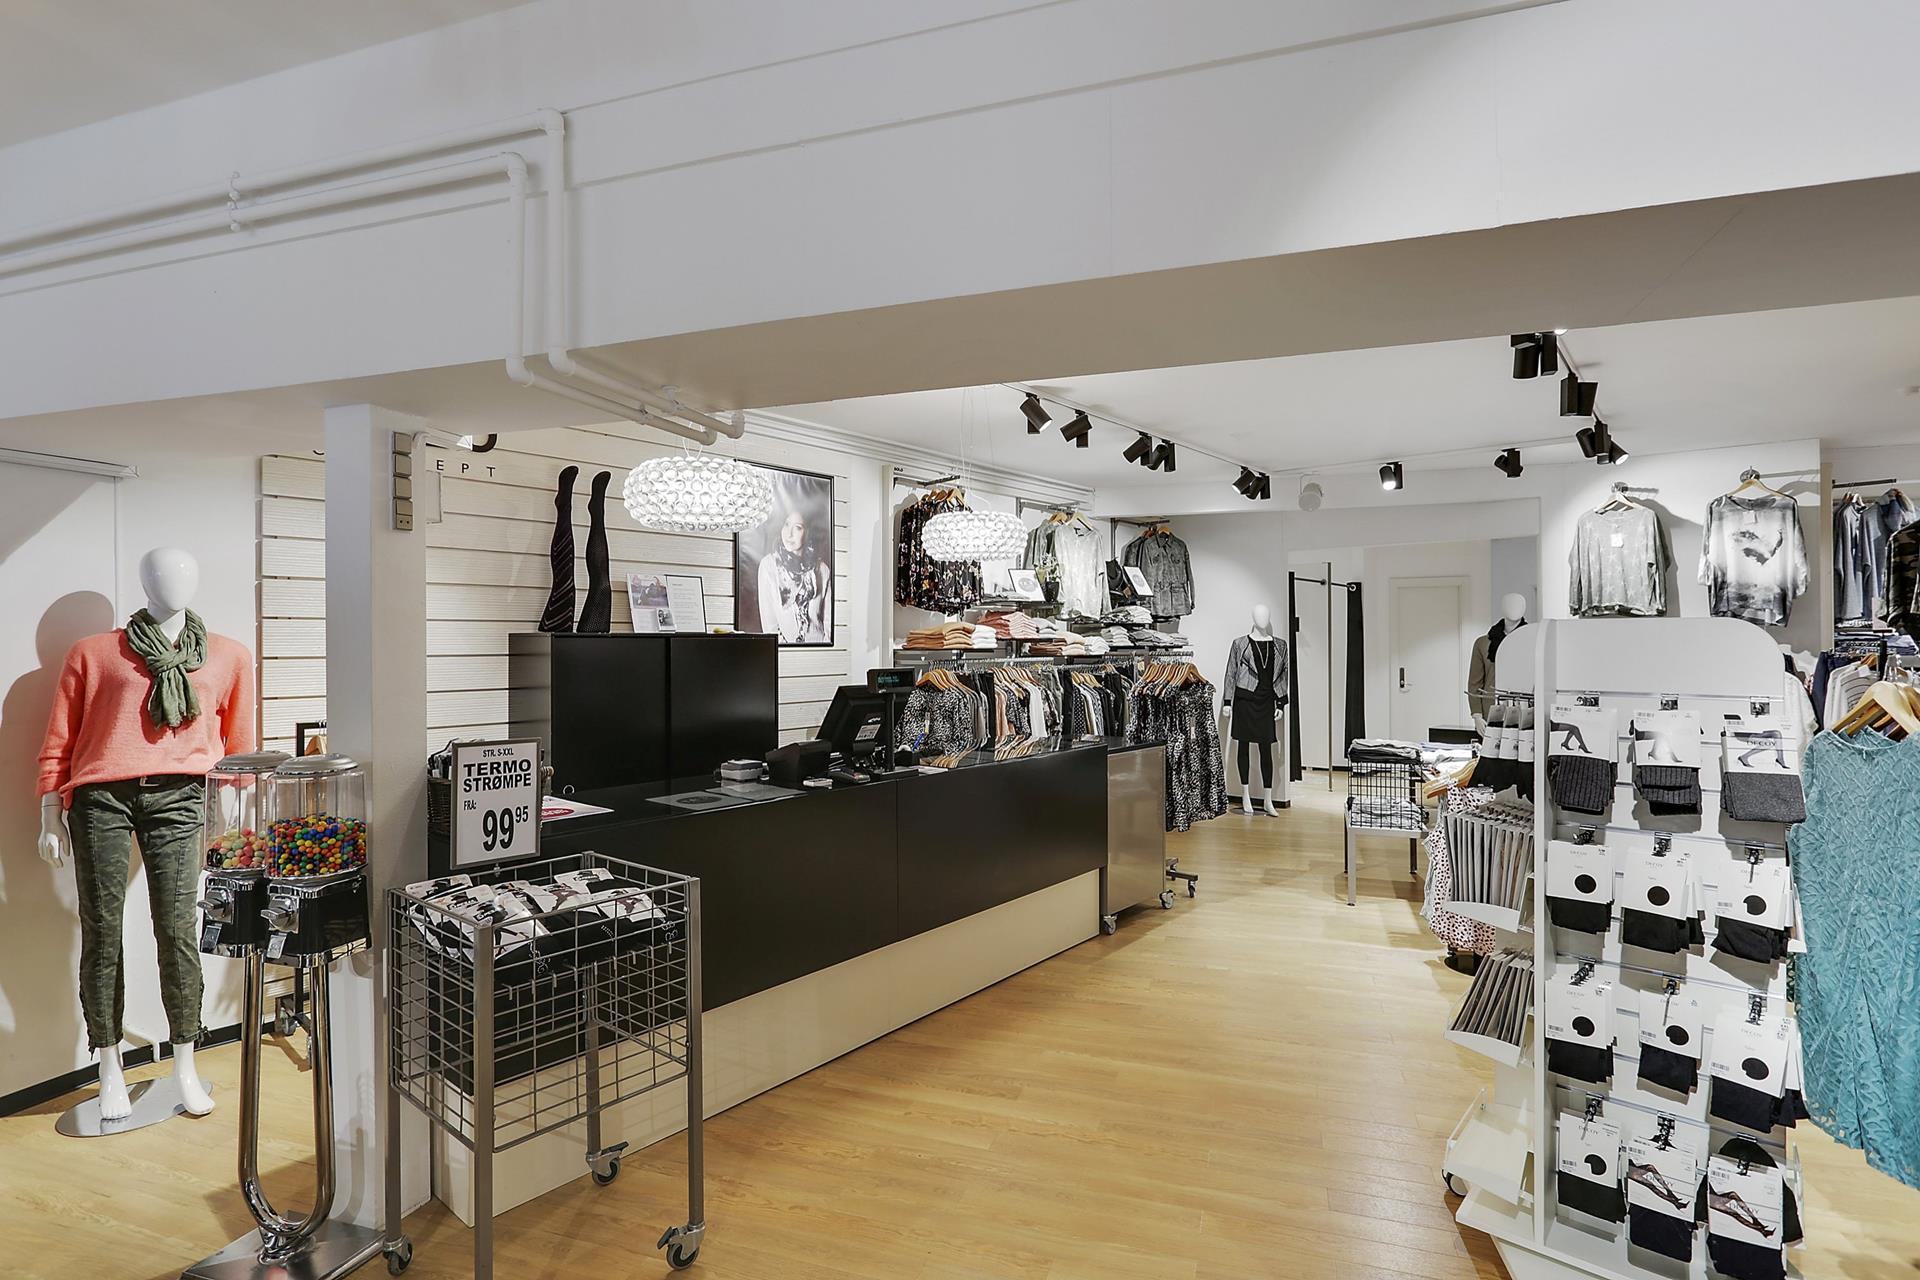 Bolig/erhverv på Storegade i Haderslev - Forretning